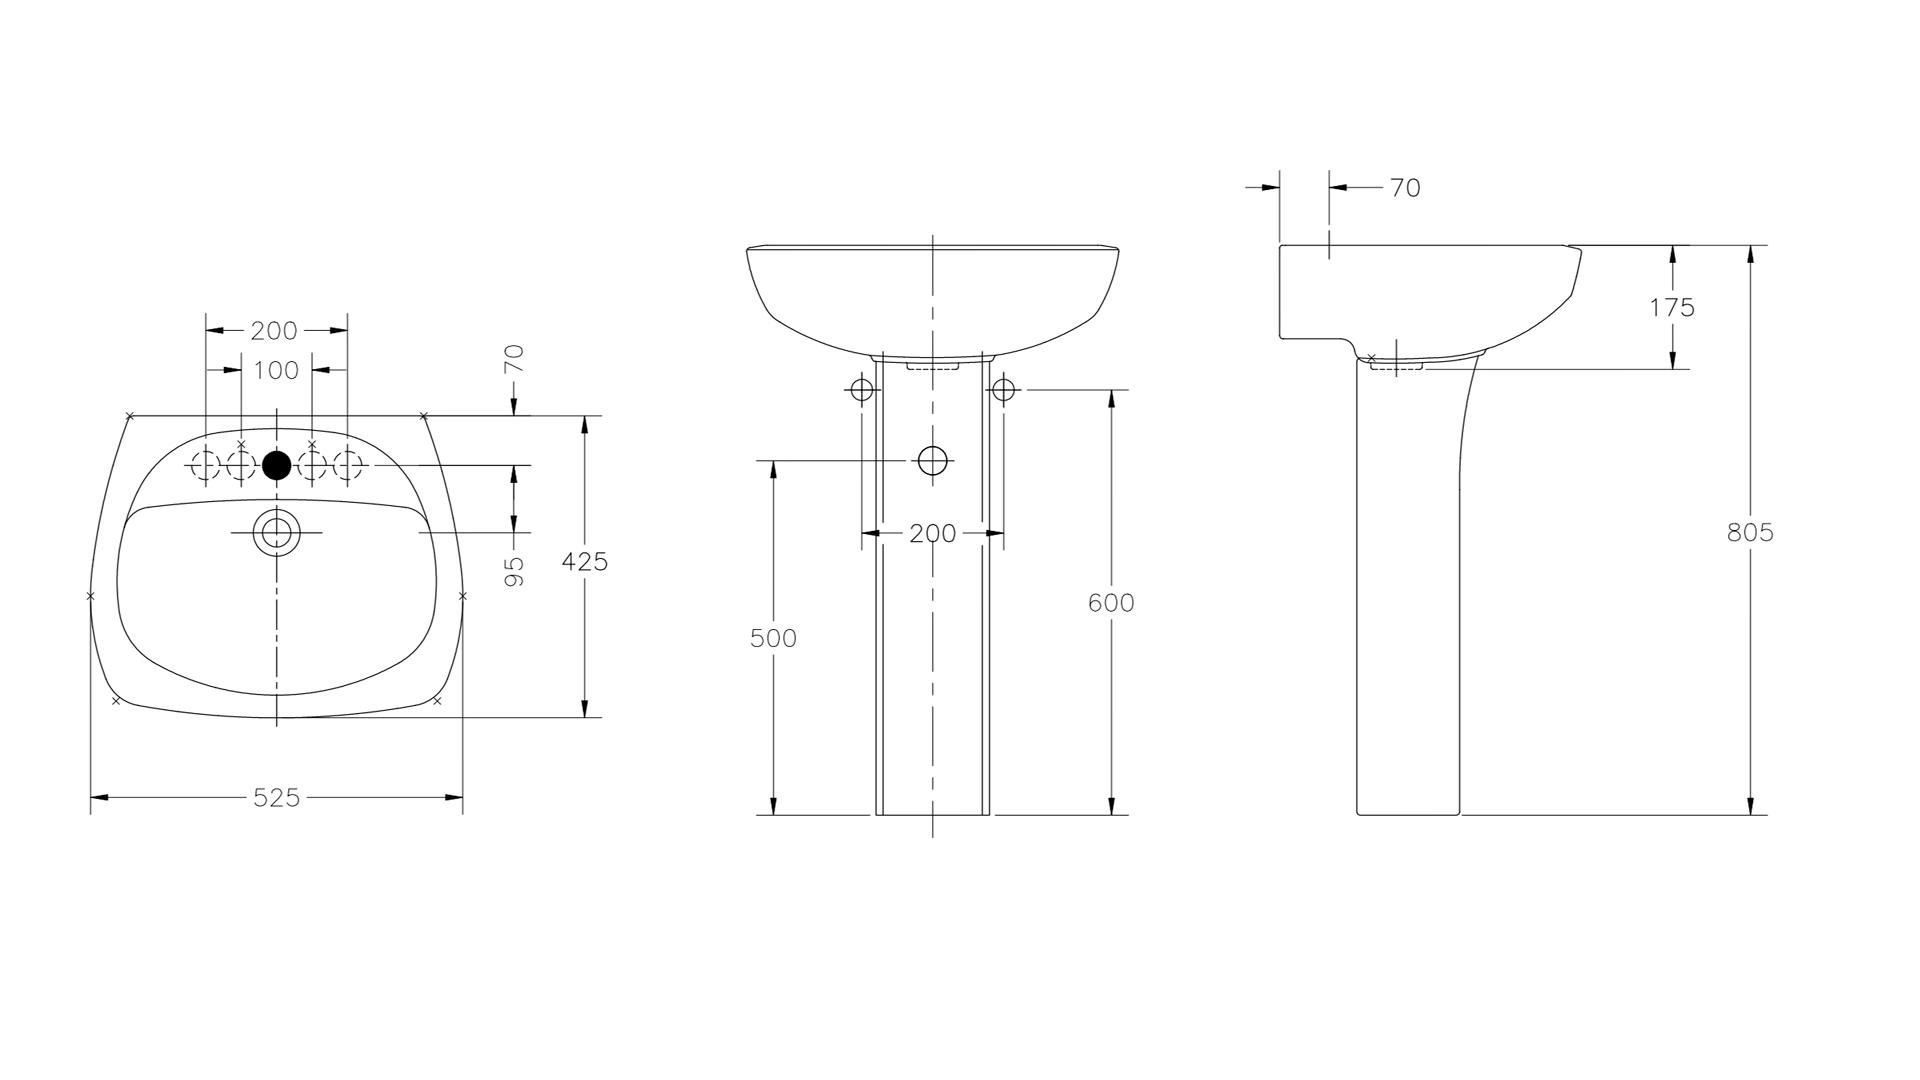 Lavatório THEMA 52,5x42,5 cm INCEPA BRANCO sem coluna